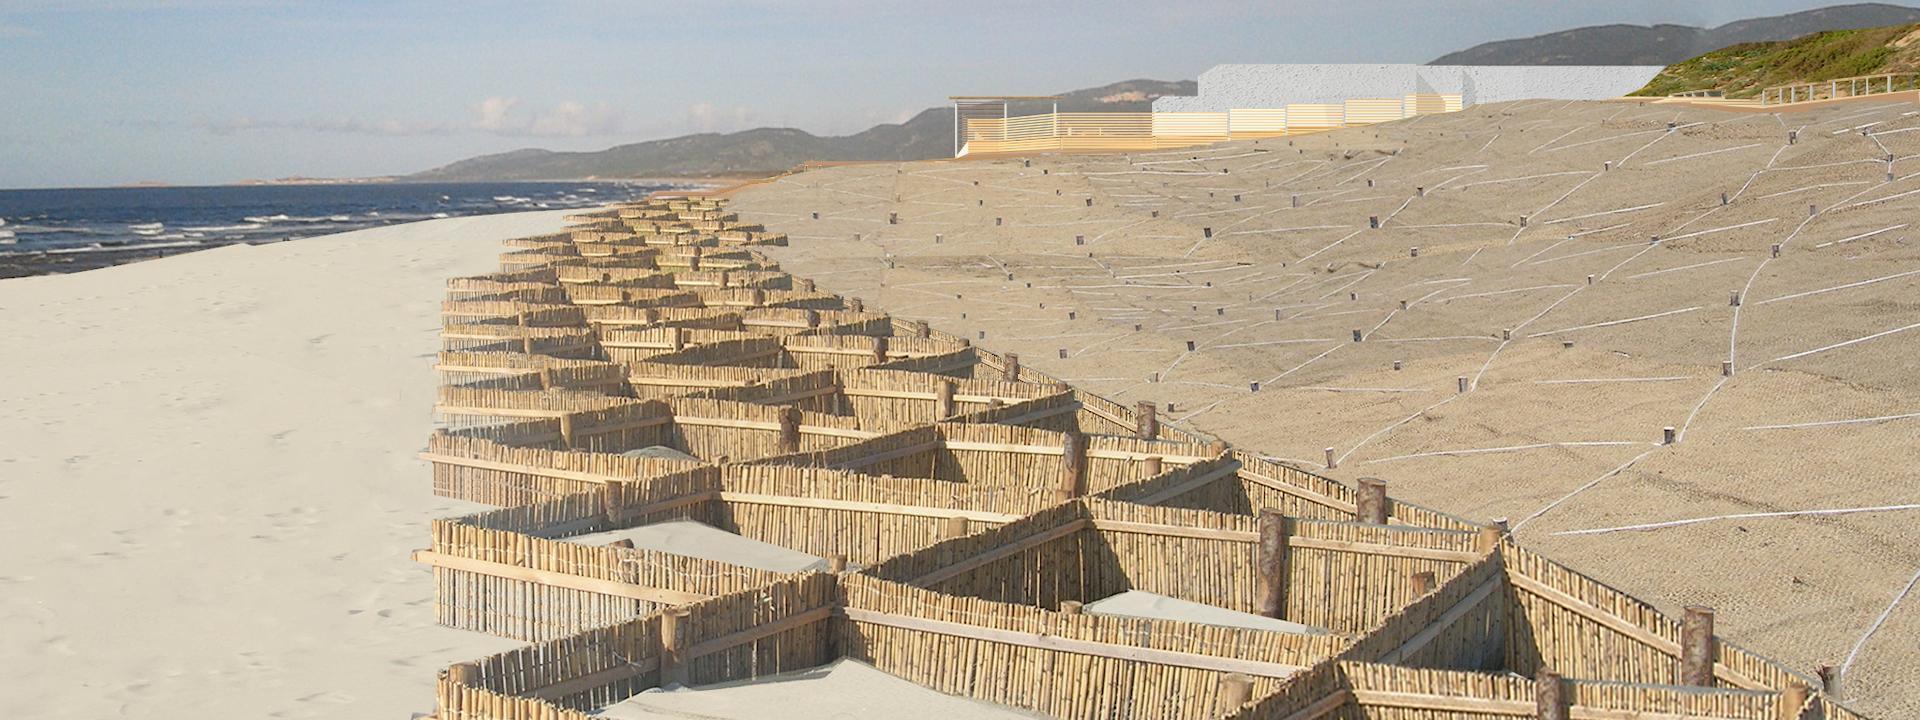 Progetto di ripristino ambientale del sistema di spiaggia in località San Pietro a mare